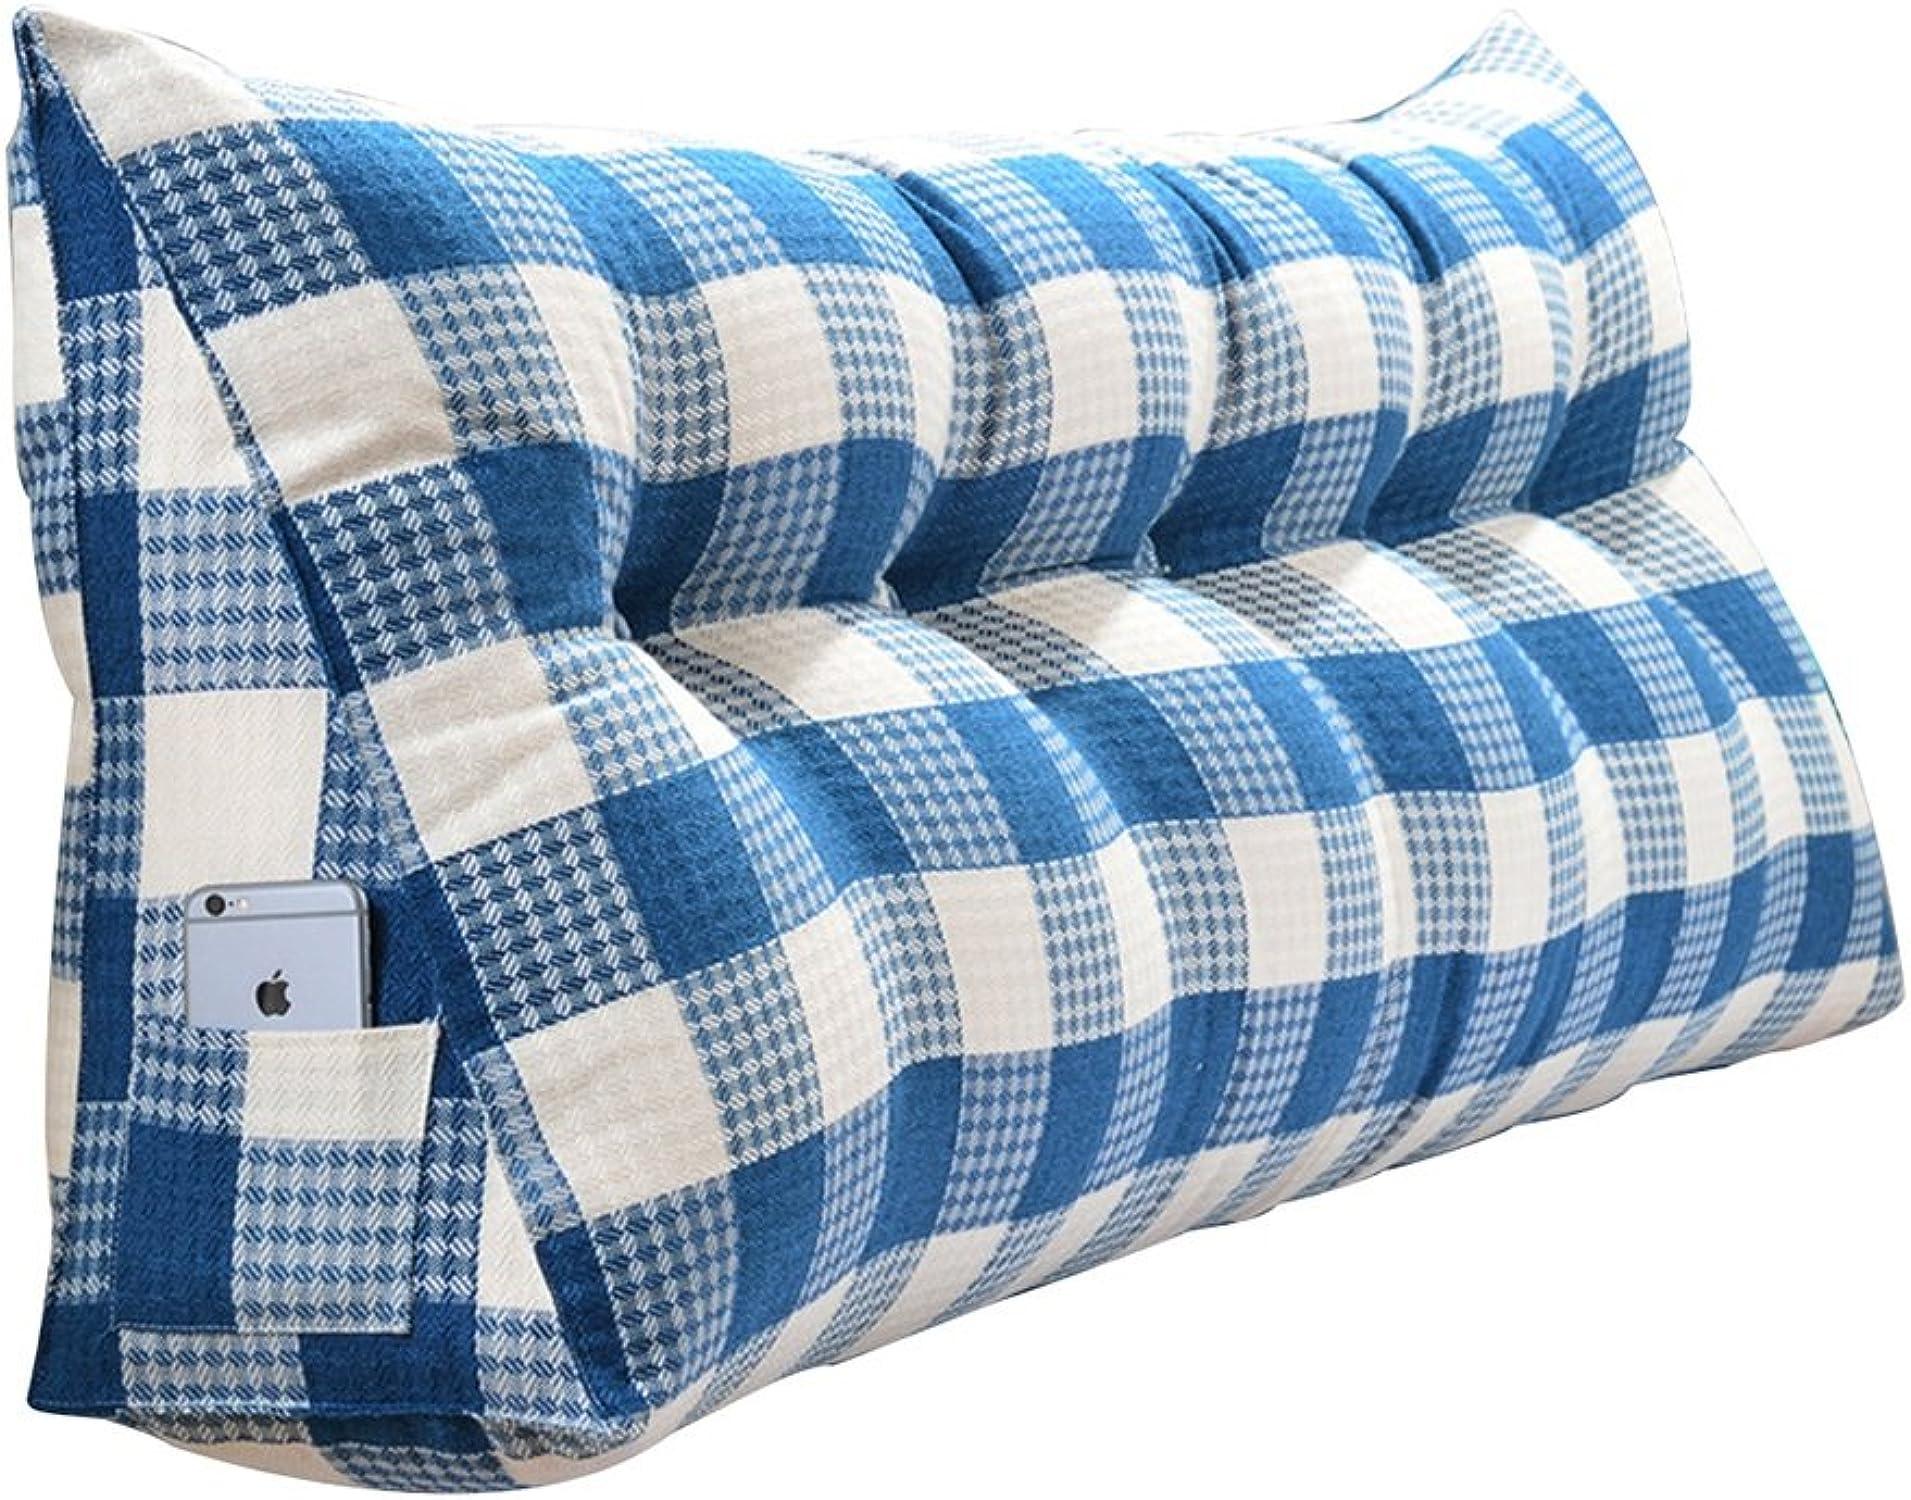 Coussins lombaires Oreillers Grand coussin Triangulaire Lit moelleux Bleu Coussin double pour couple Coussin pour canapé Remplissage EPE Facile à démonter et à laver ( Taille   1205020 )